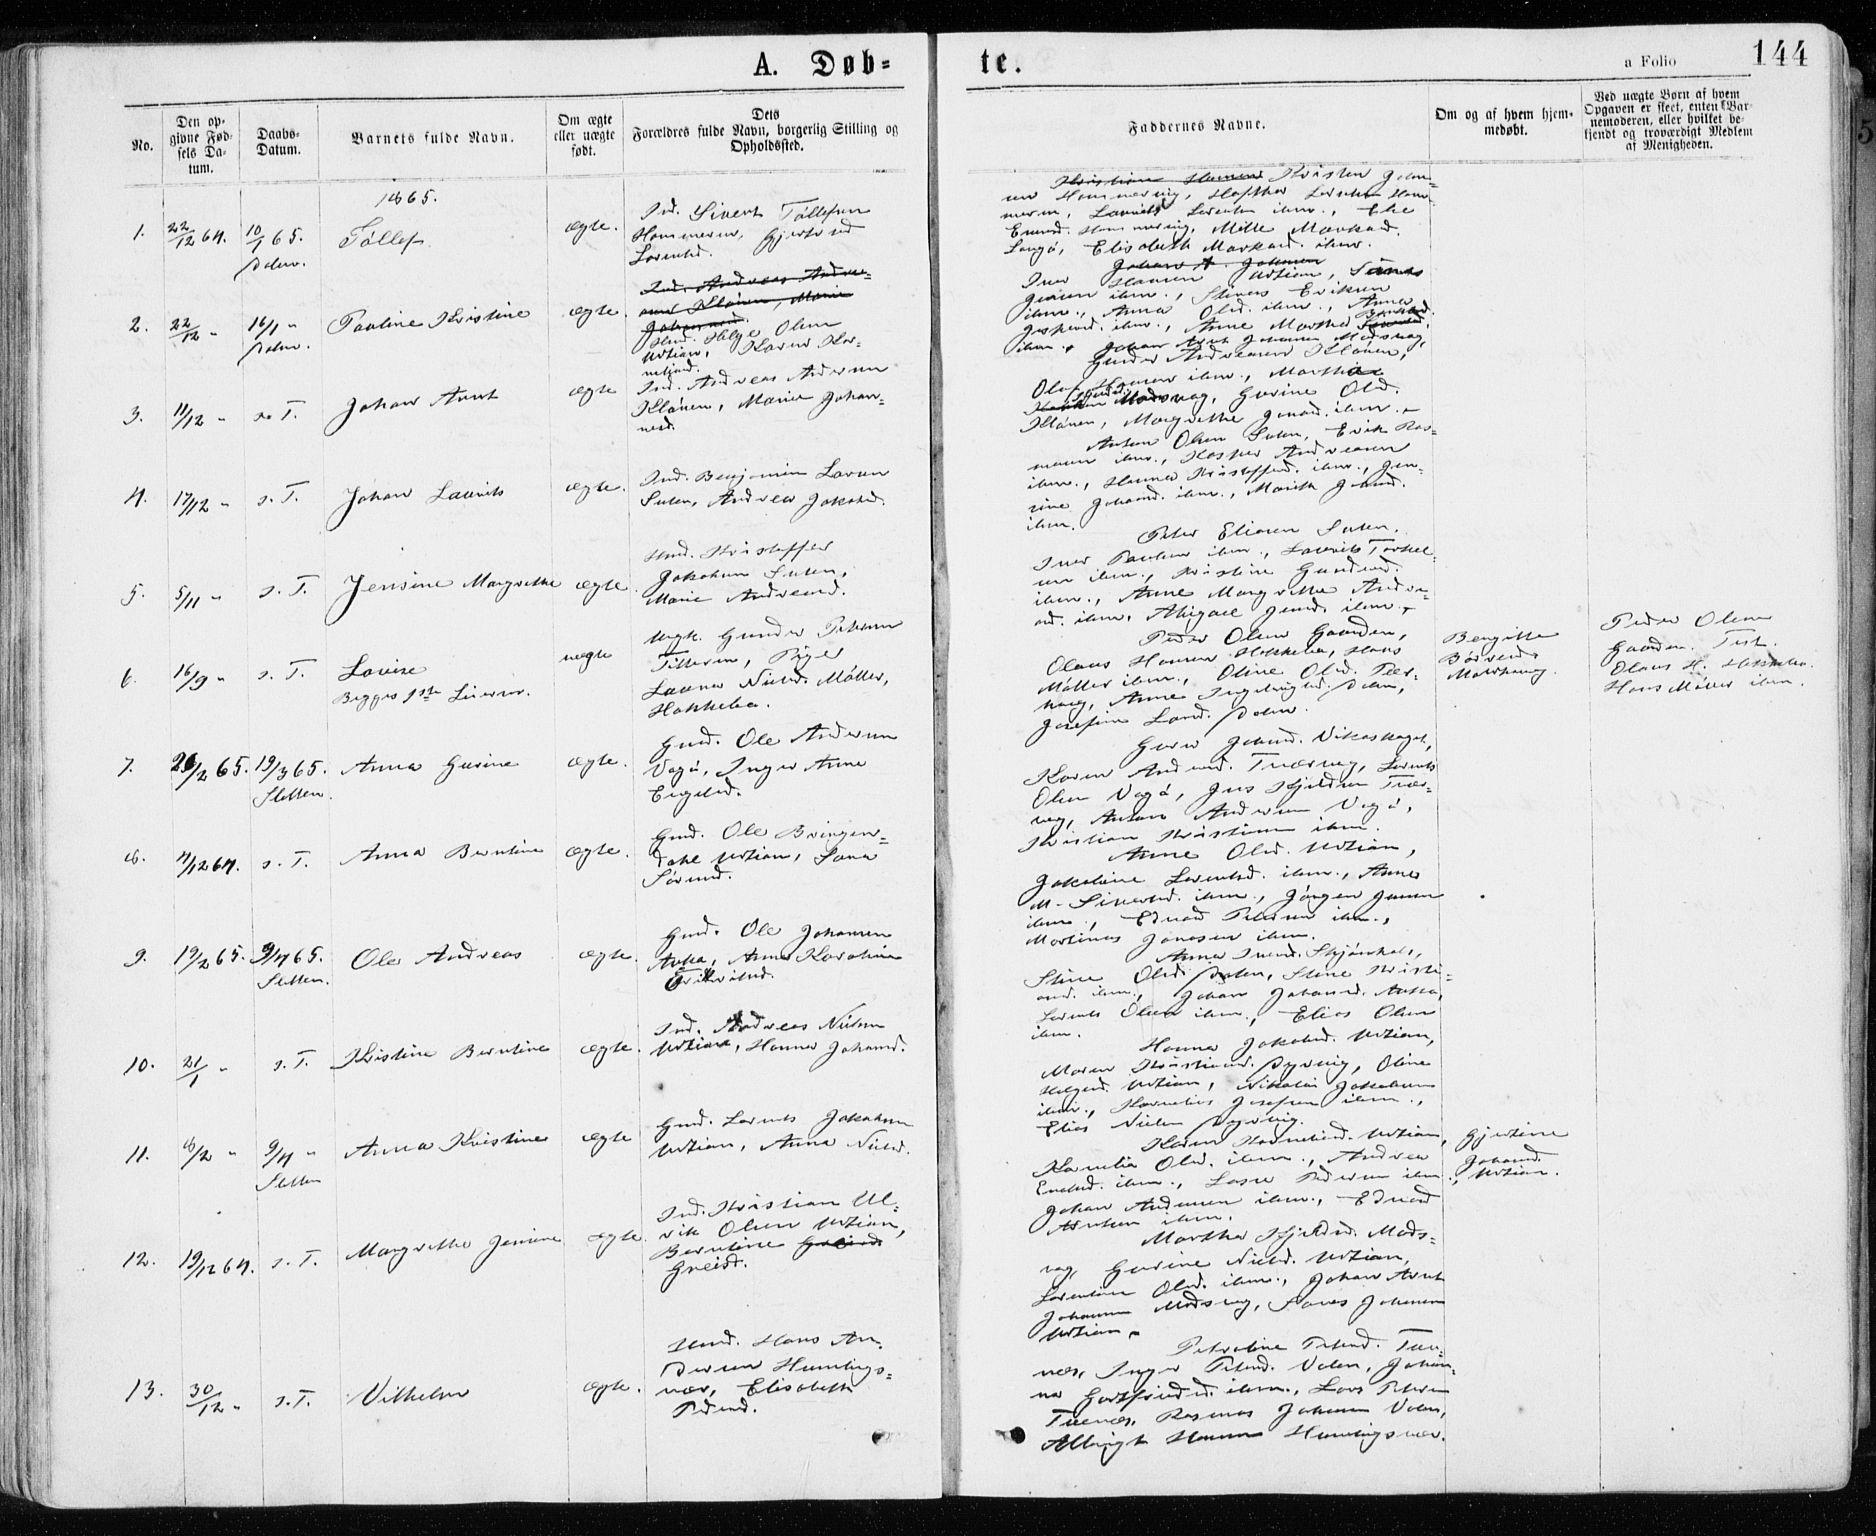 SAT, Ministerialprotokoller, klokkerbøker og fødselsregistre - Sør-Trøndelag, 640/L0576: Ministerialbok nr. 640A01, 1846-1876, s. 144